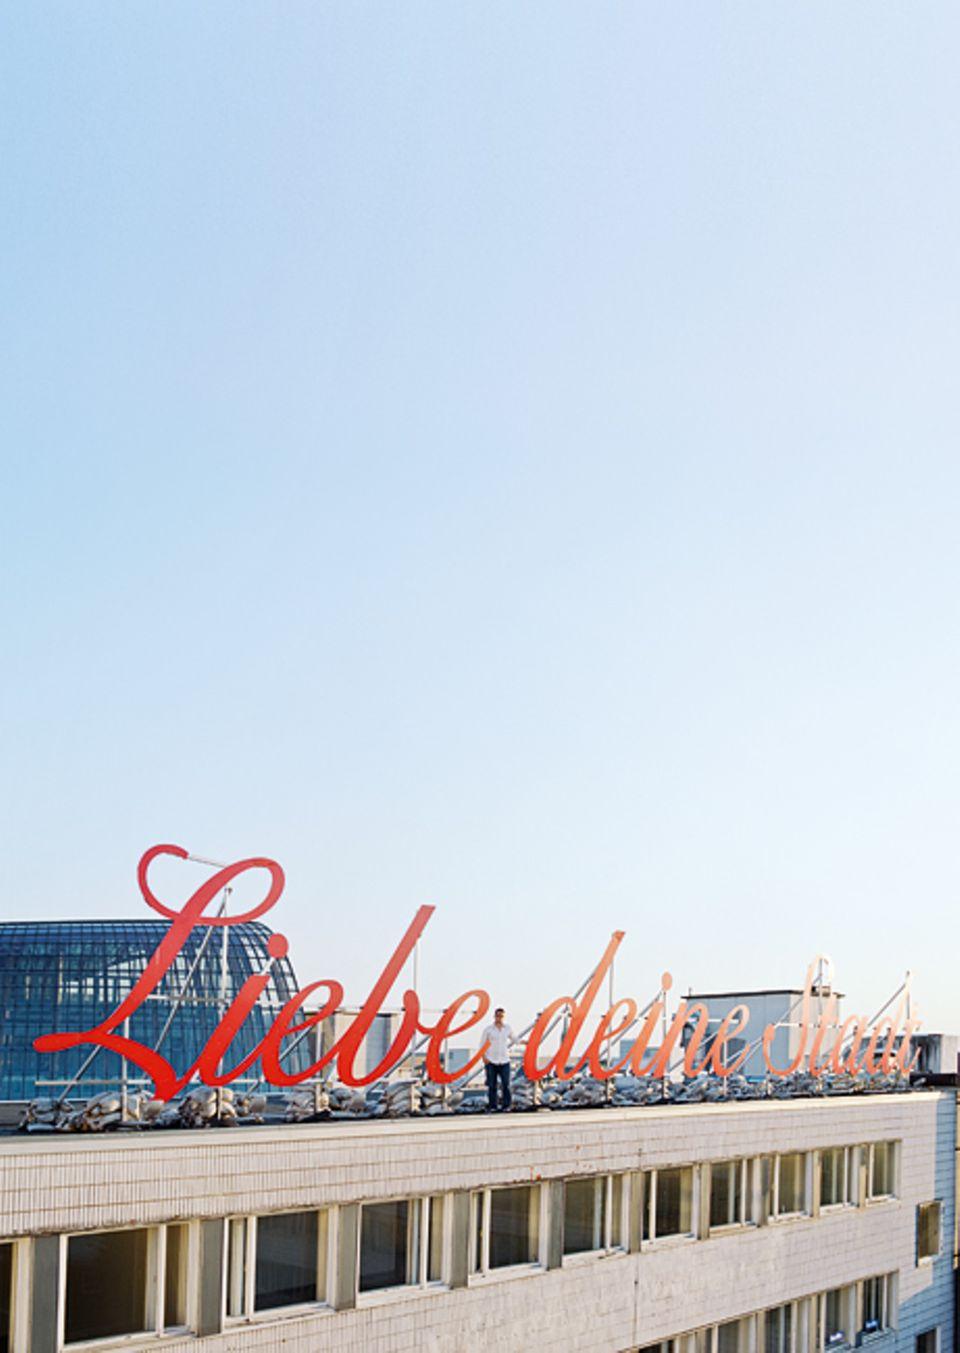 Köln: Der Künstler Merlin Bauer fordert die Kölner in großen roten Lettern auf ihre Stadt zu lieben